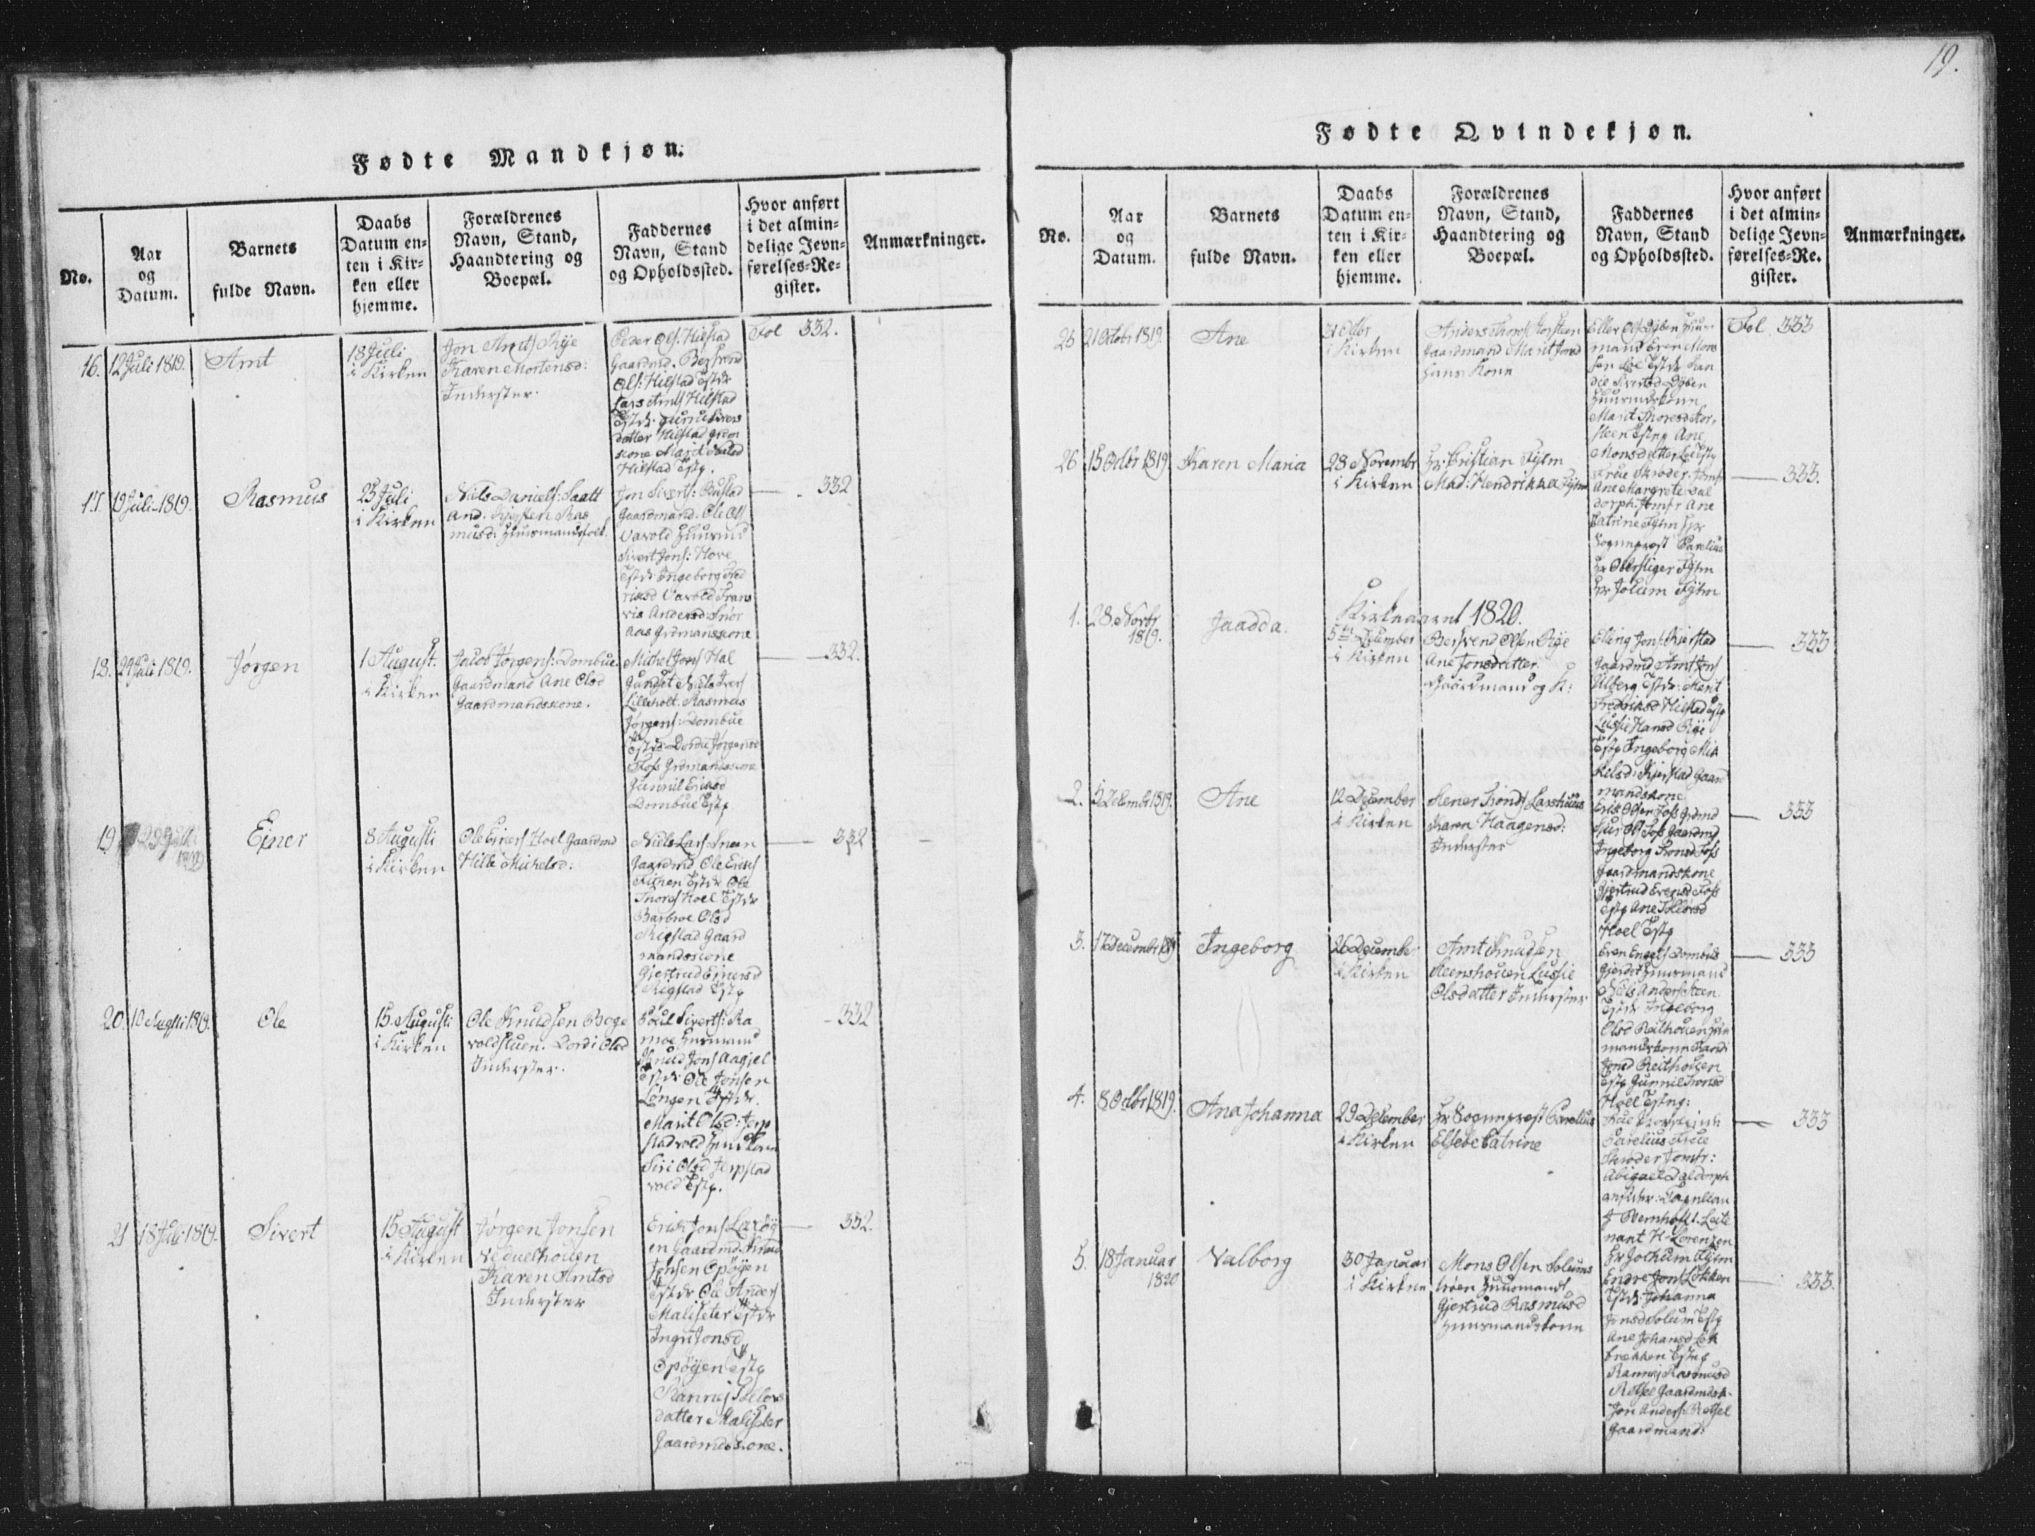 SAT, Ministerialprotokoller, klokkerbøker og fødselsregistre - Sør-Trøndelag, 672/L0862: Klokkerbok nr. 672C01, 1816-1831, s. 19